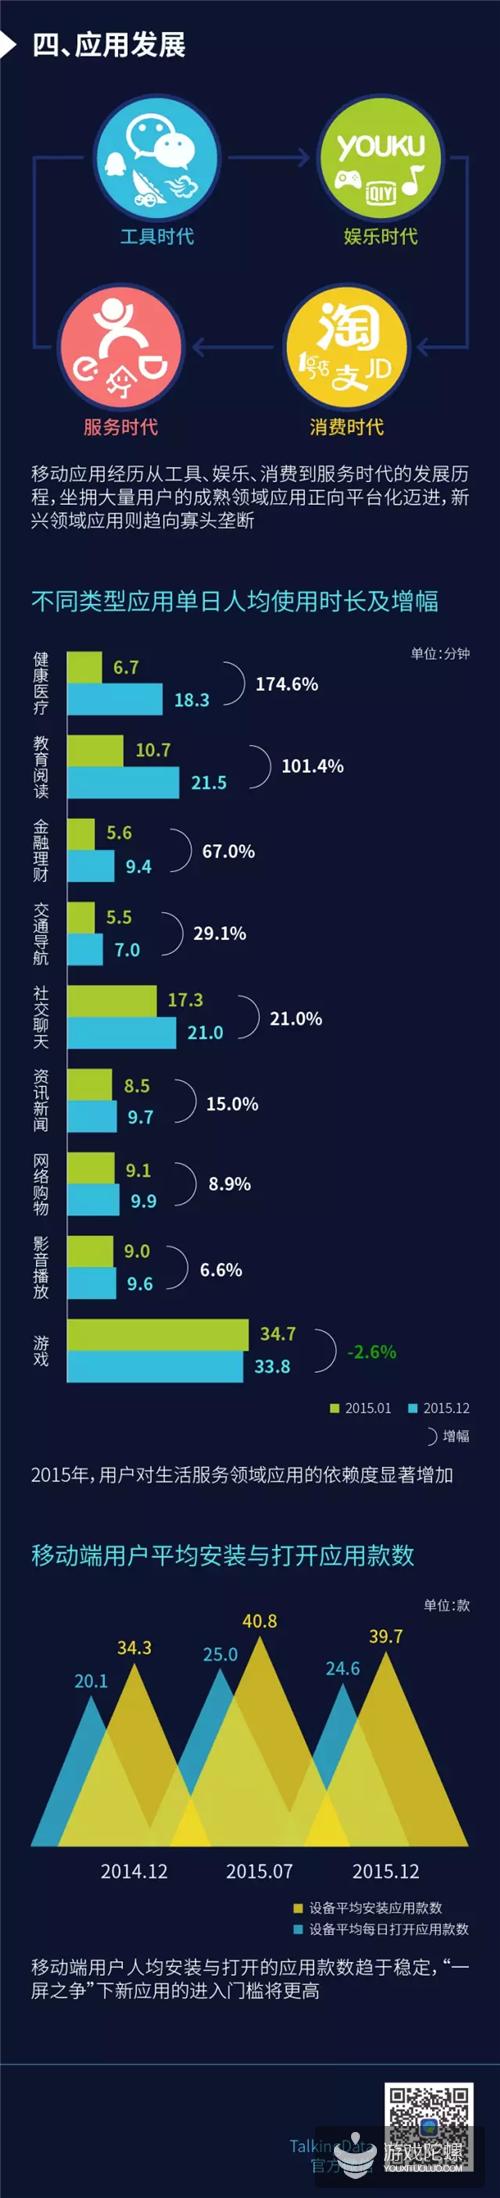 2015年移动互联网行业报告:移动用户、设备红利消失